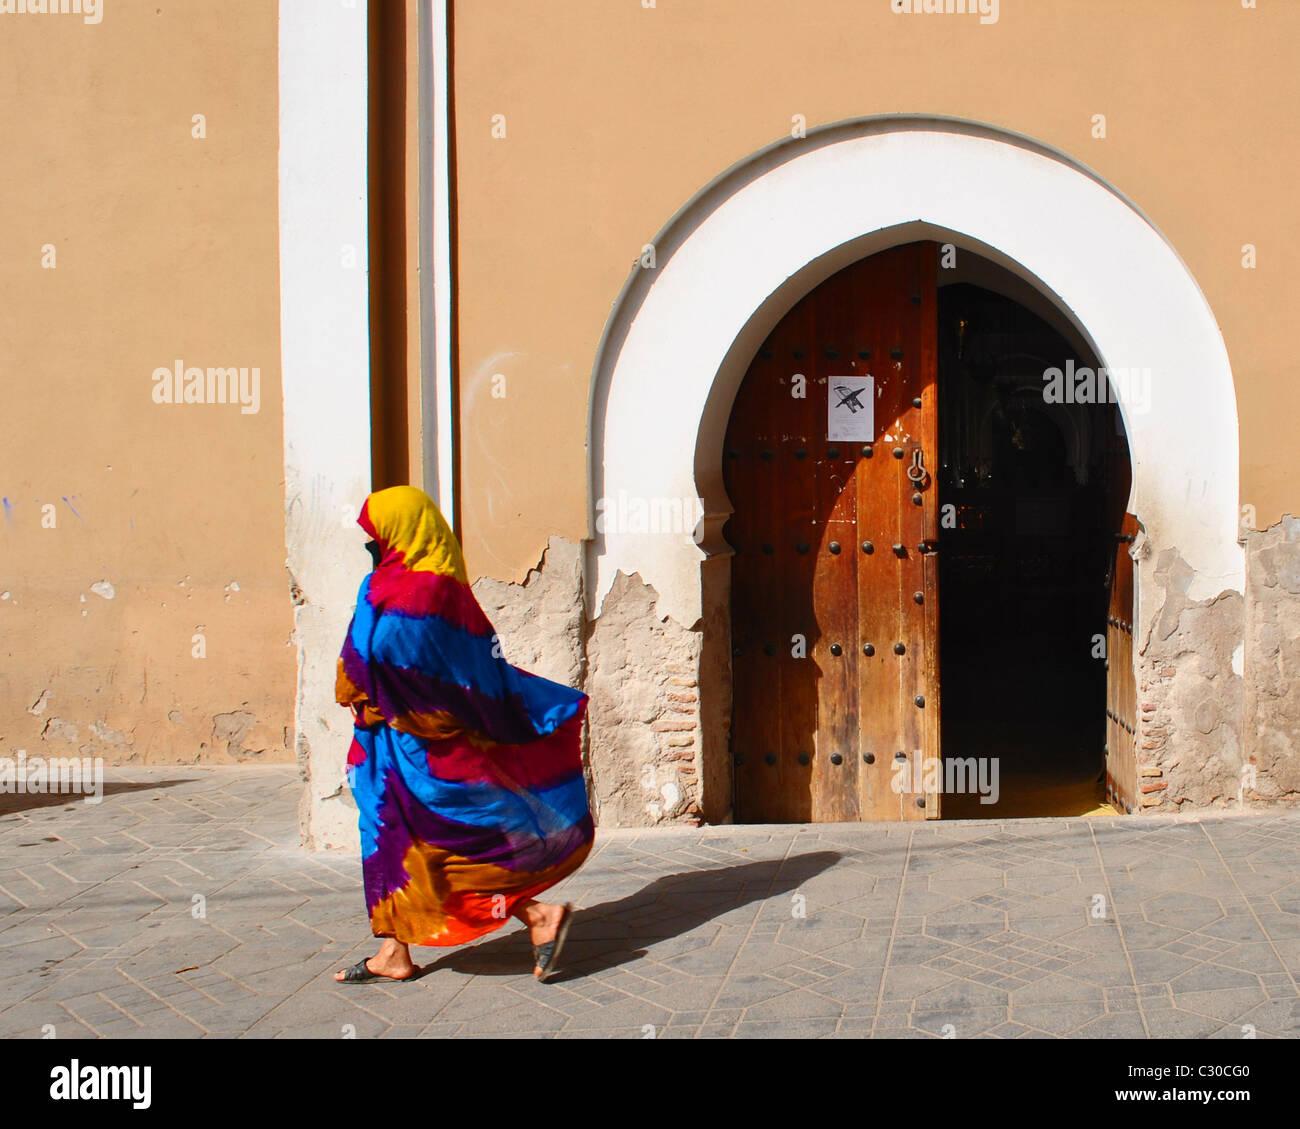 Mujer en coloridos, fluyendo jellabas caminando por una puerta abierta en Taroudant, Marruecos Imagen De Stock